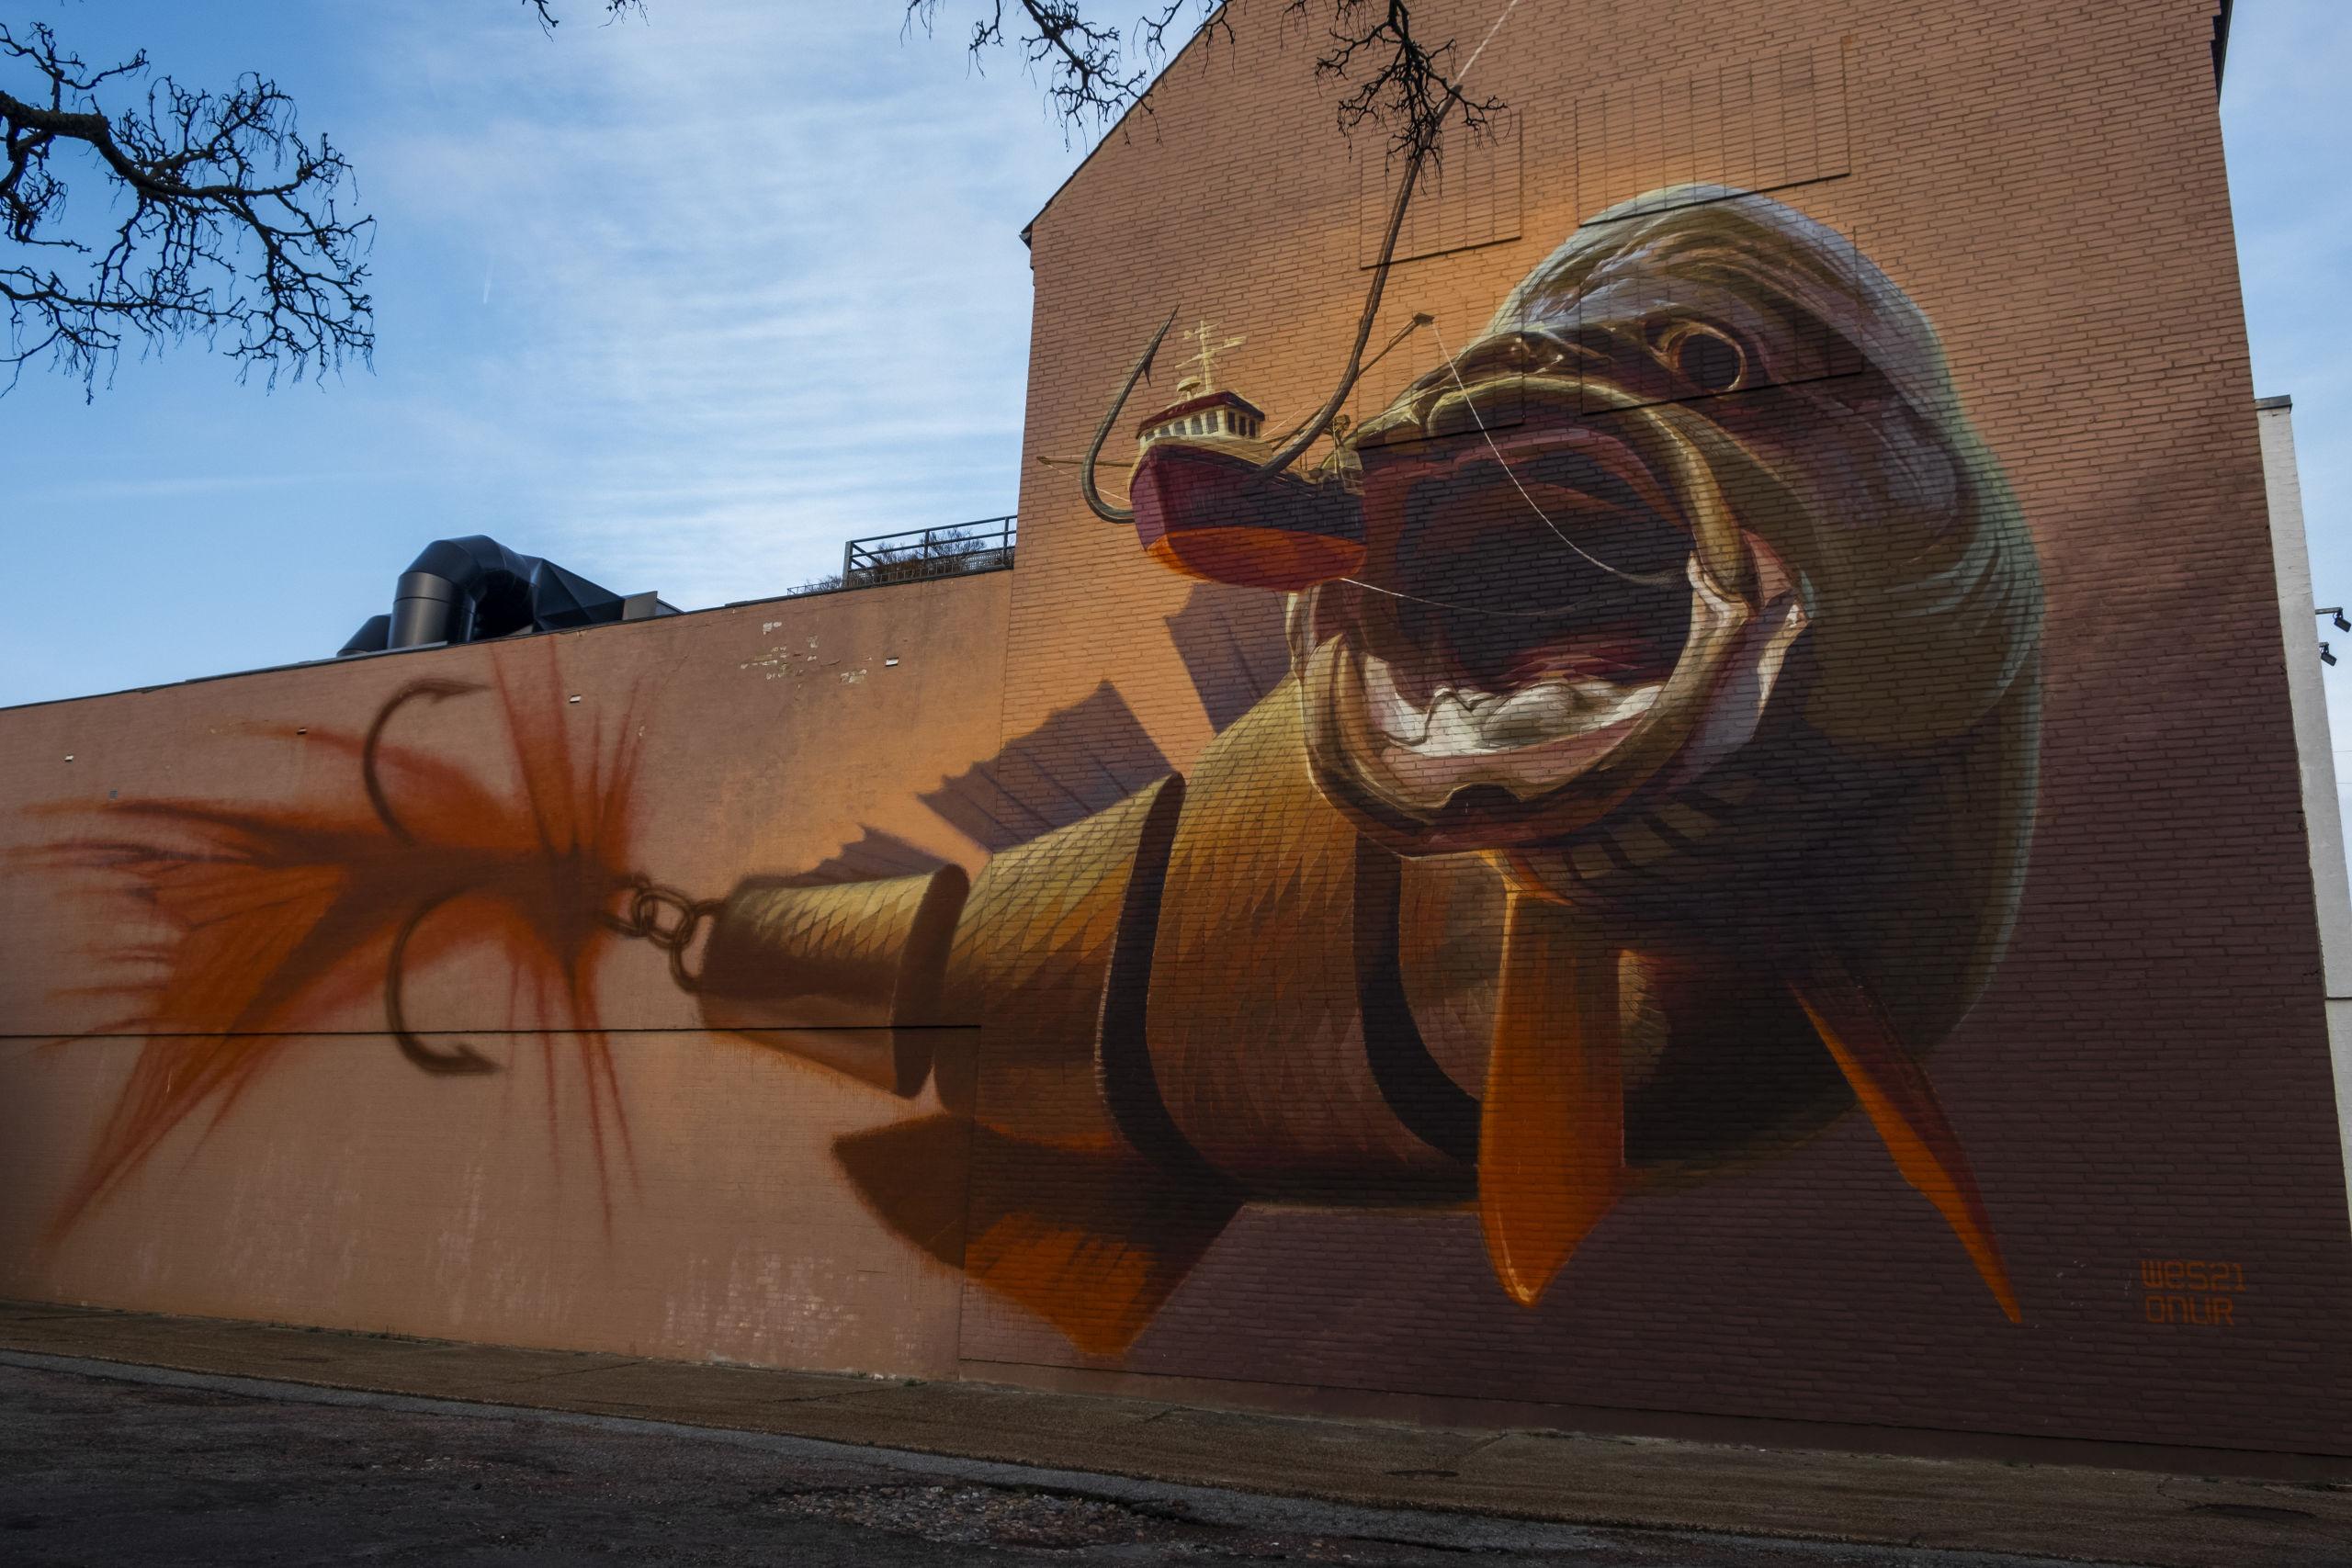 Wes21 & Onurs værk 'Big Catch' i Dannebrogsgade er en af de mest omtalte og delte i verden. Foto: Lasse Sand